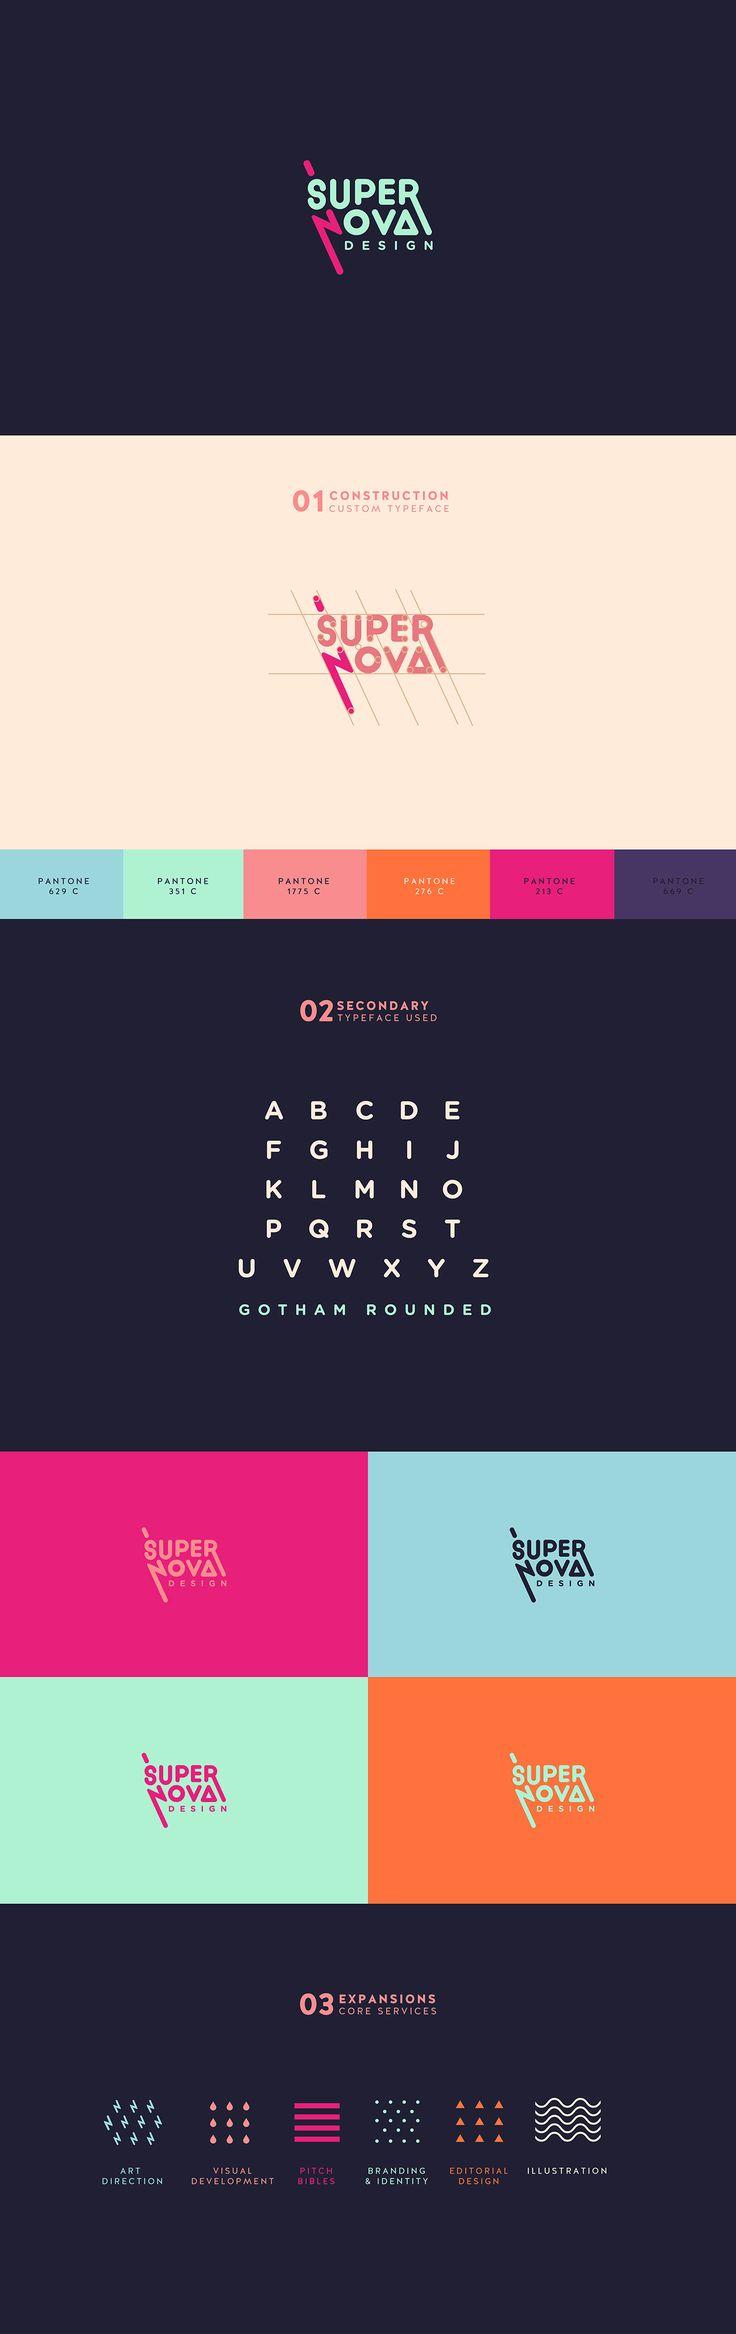 Topografía y paleta de colores